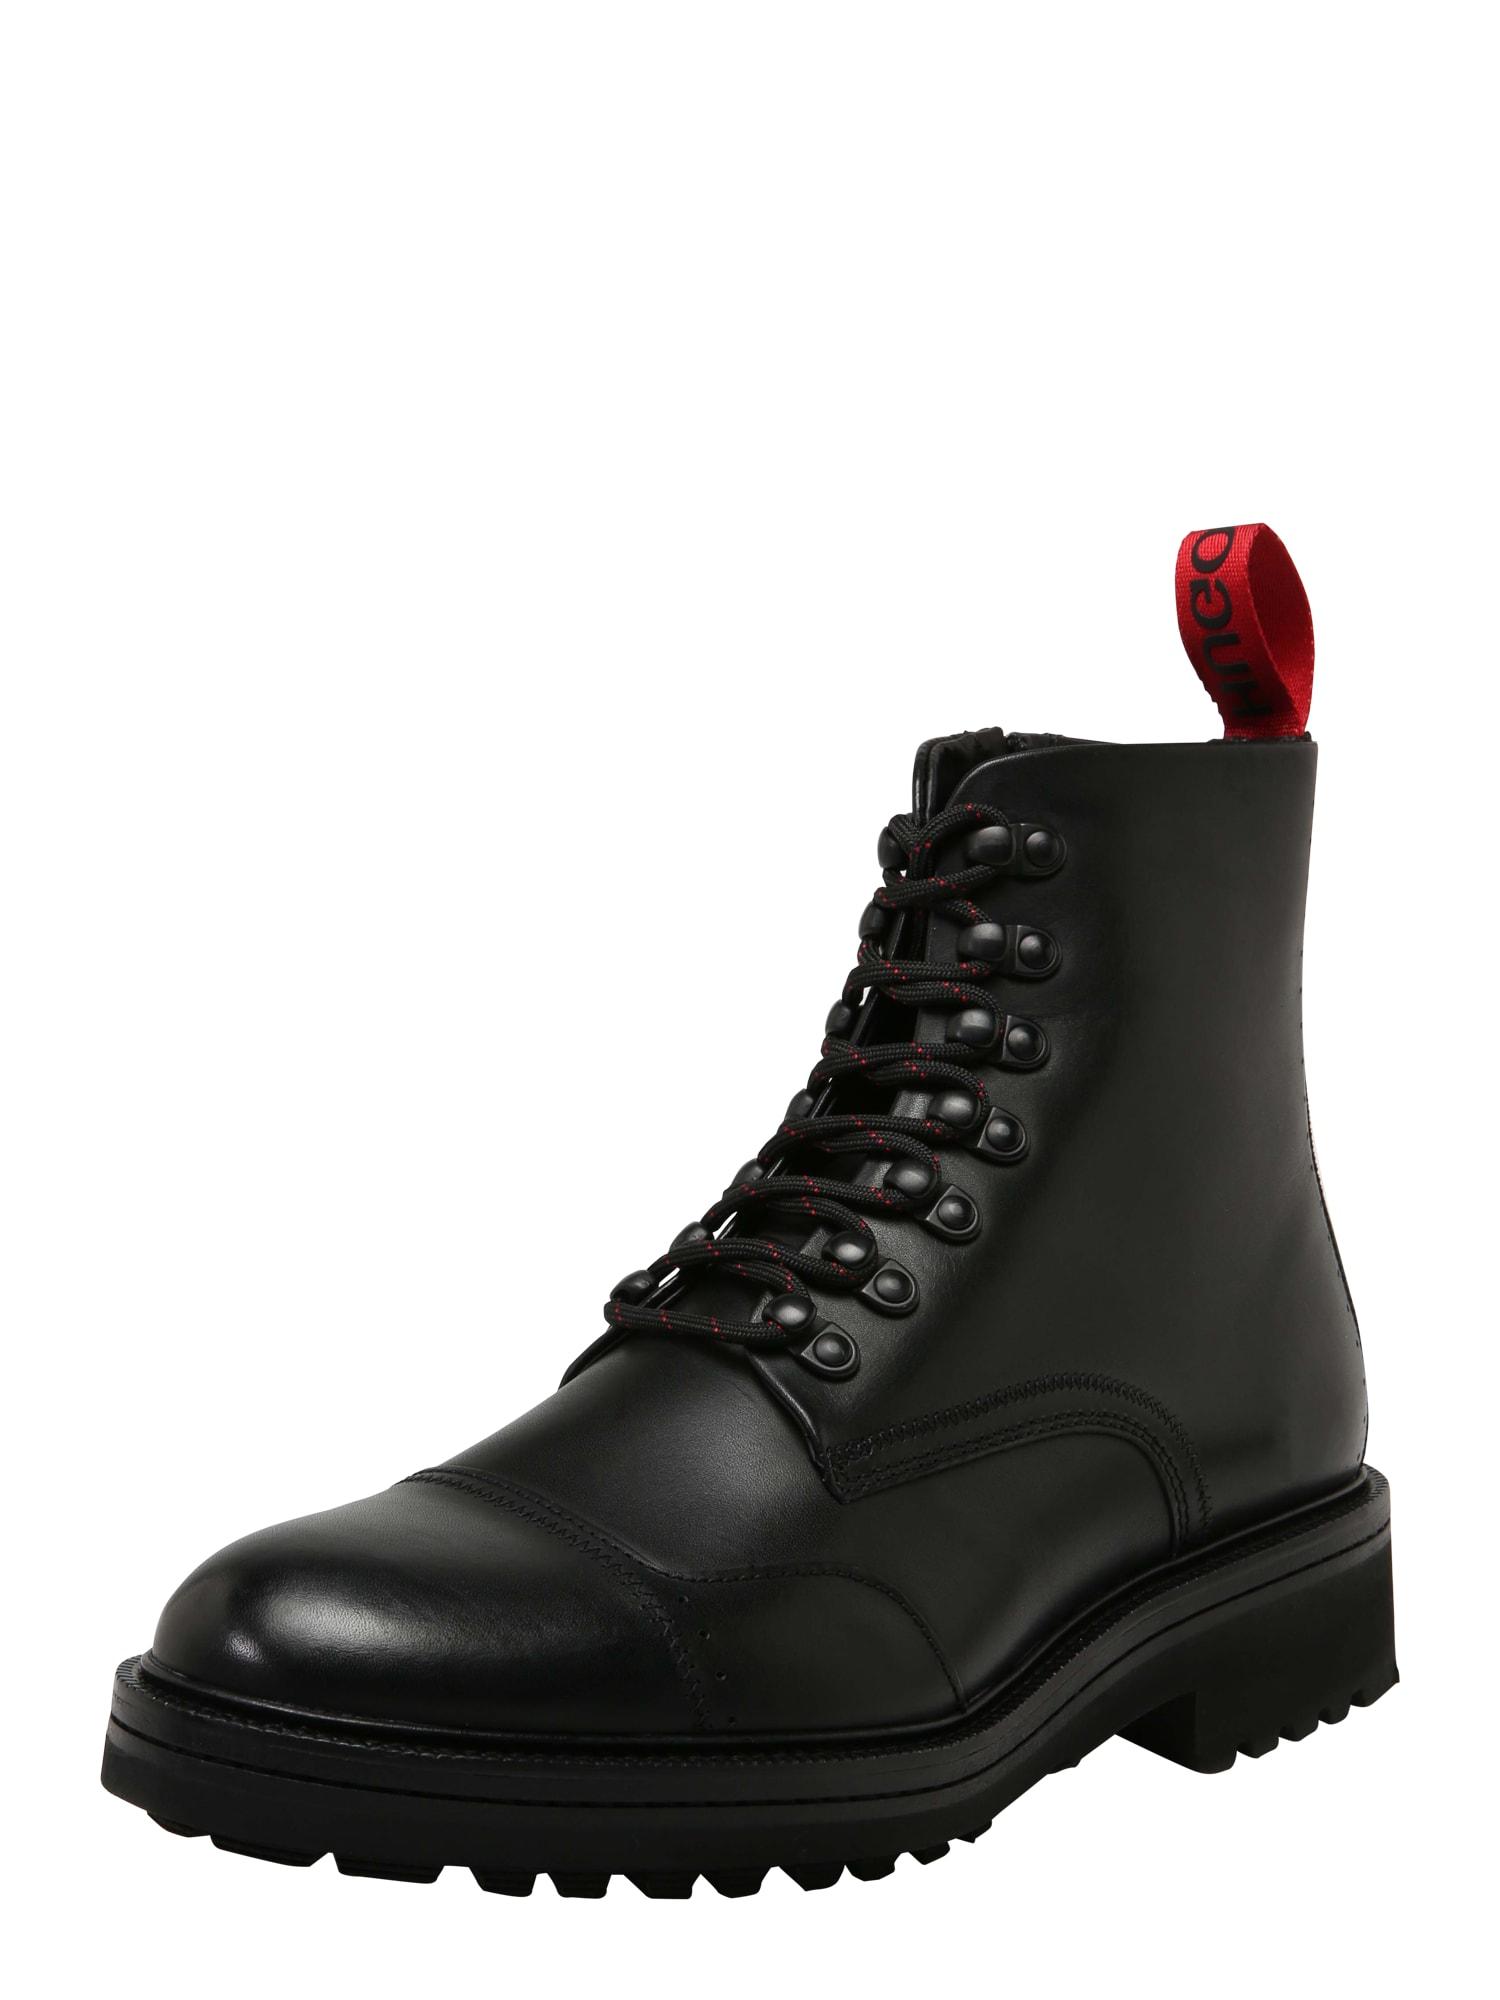 Šněrovací boty Impact Halb černá HUGO